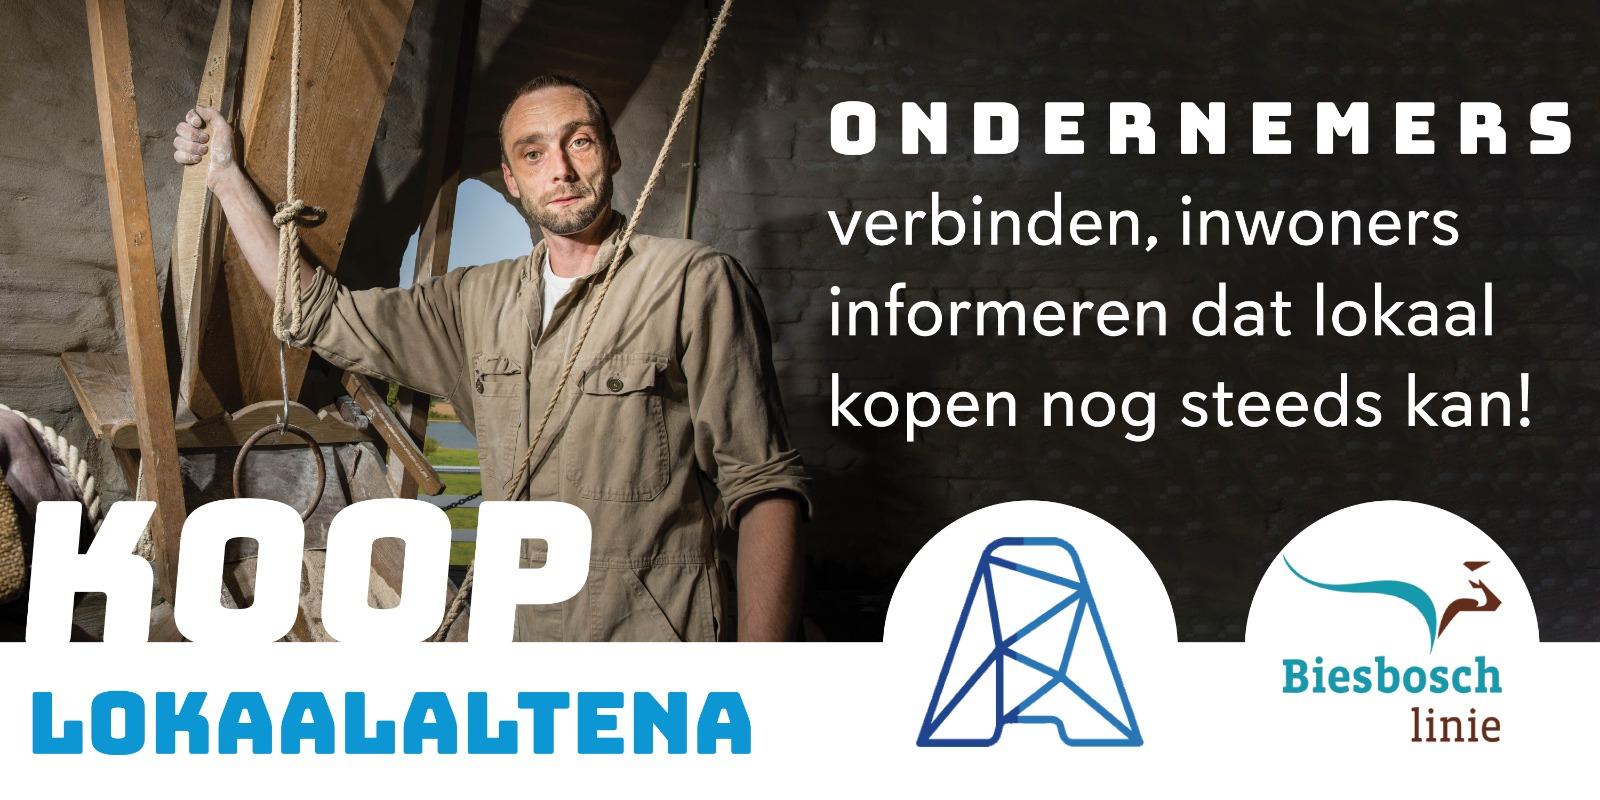 Koop LokaalAltena, een samenwerking tussen Ondernemershuis Altena en BeleefAltena.